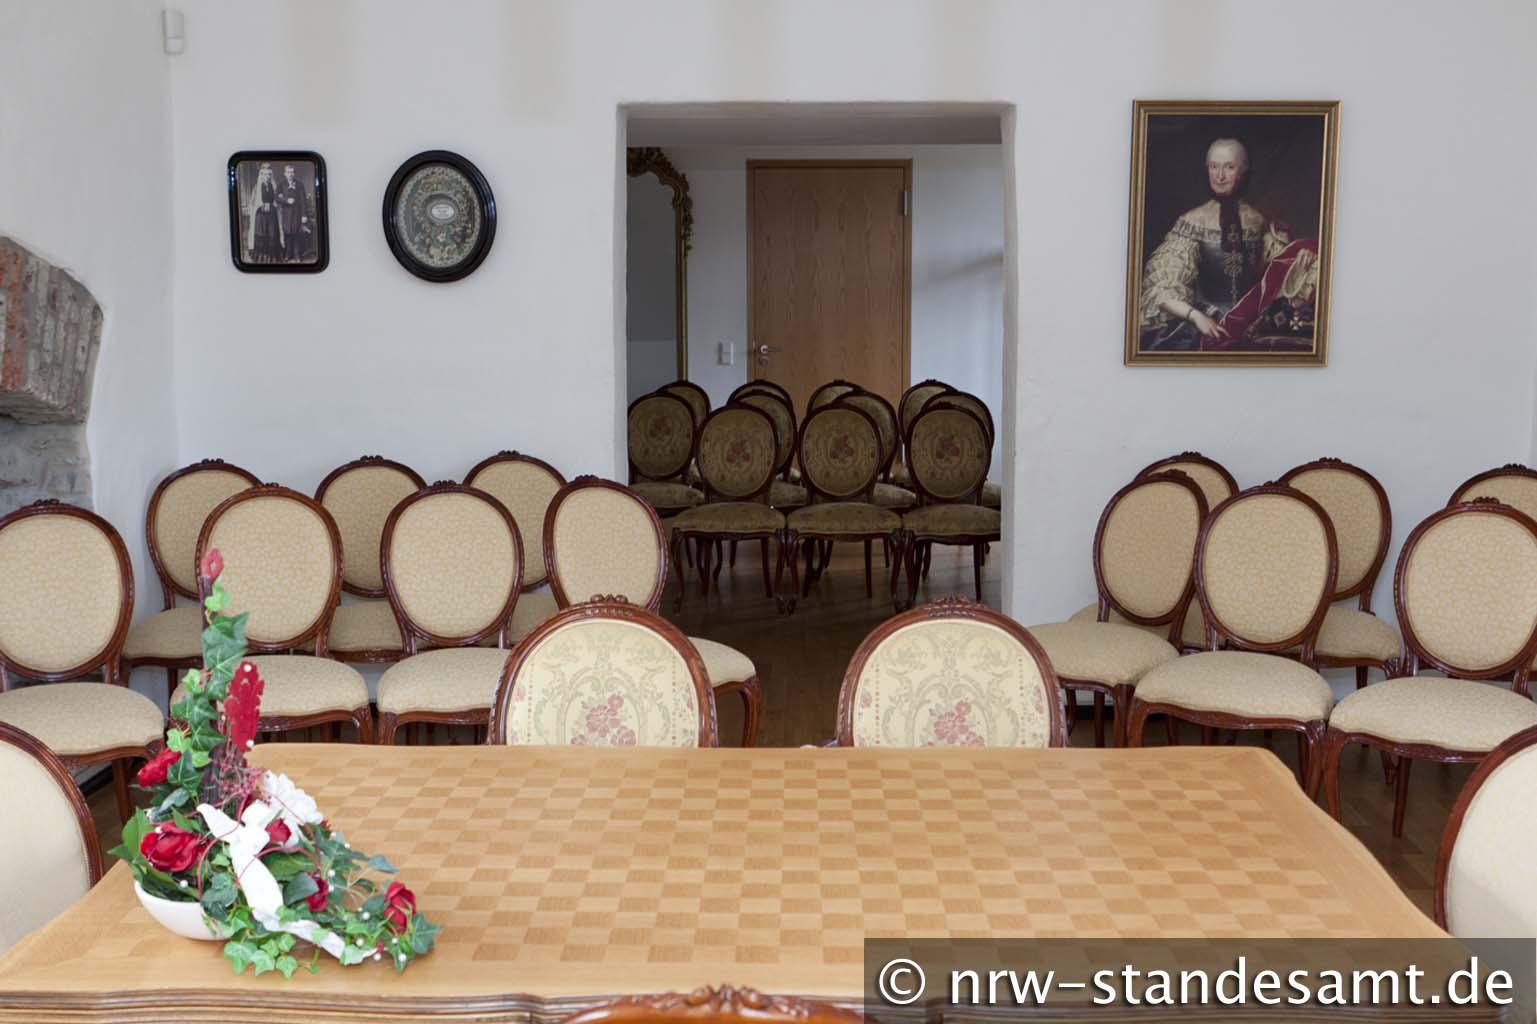 Standesamt in Essen auf Schloss Borbeck das Turmzimmer